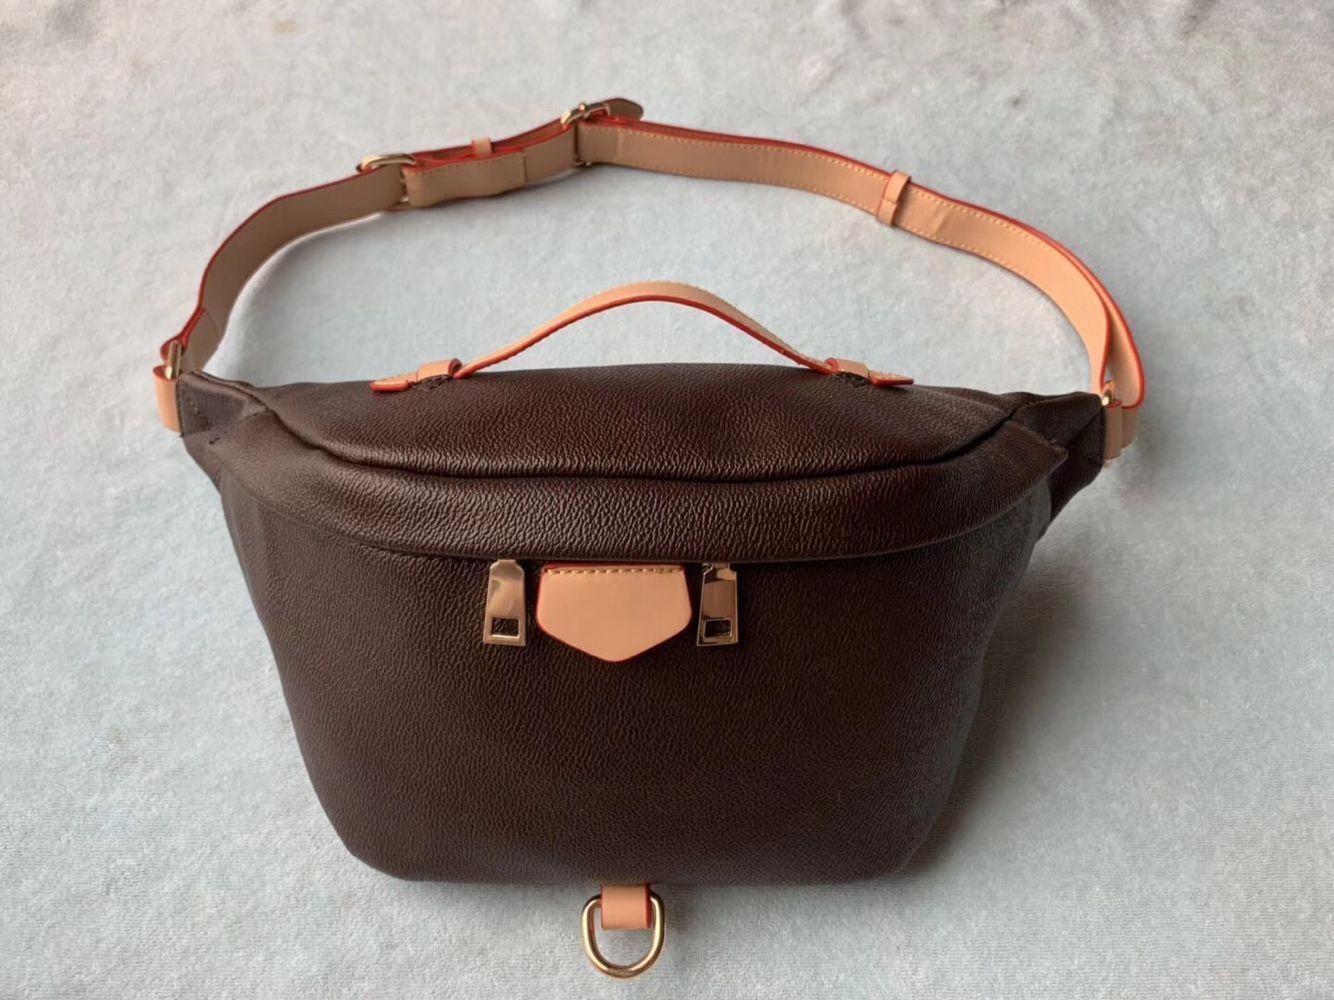 Grátis Design cintura saco preto couro Coração de cintura Bolsa carteira Mulheres Red saco da cintura crossbody M43644 # 5188